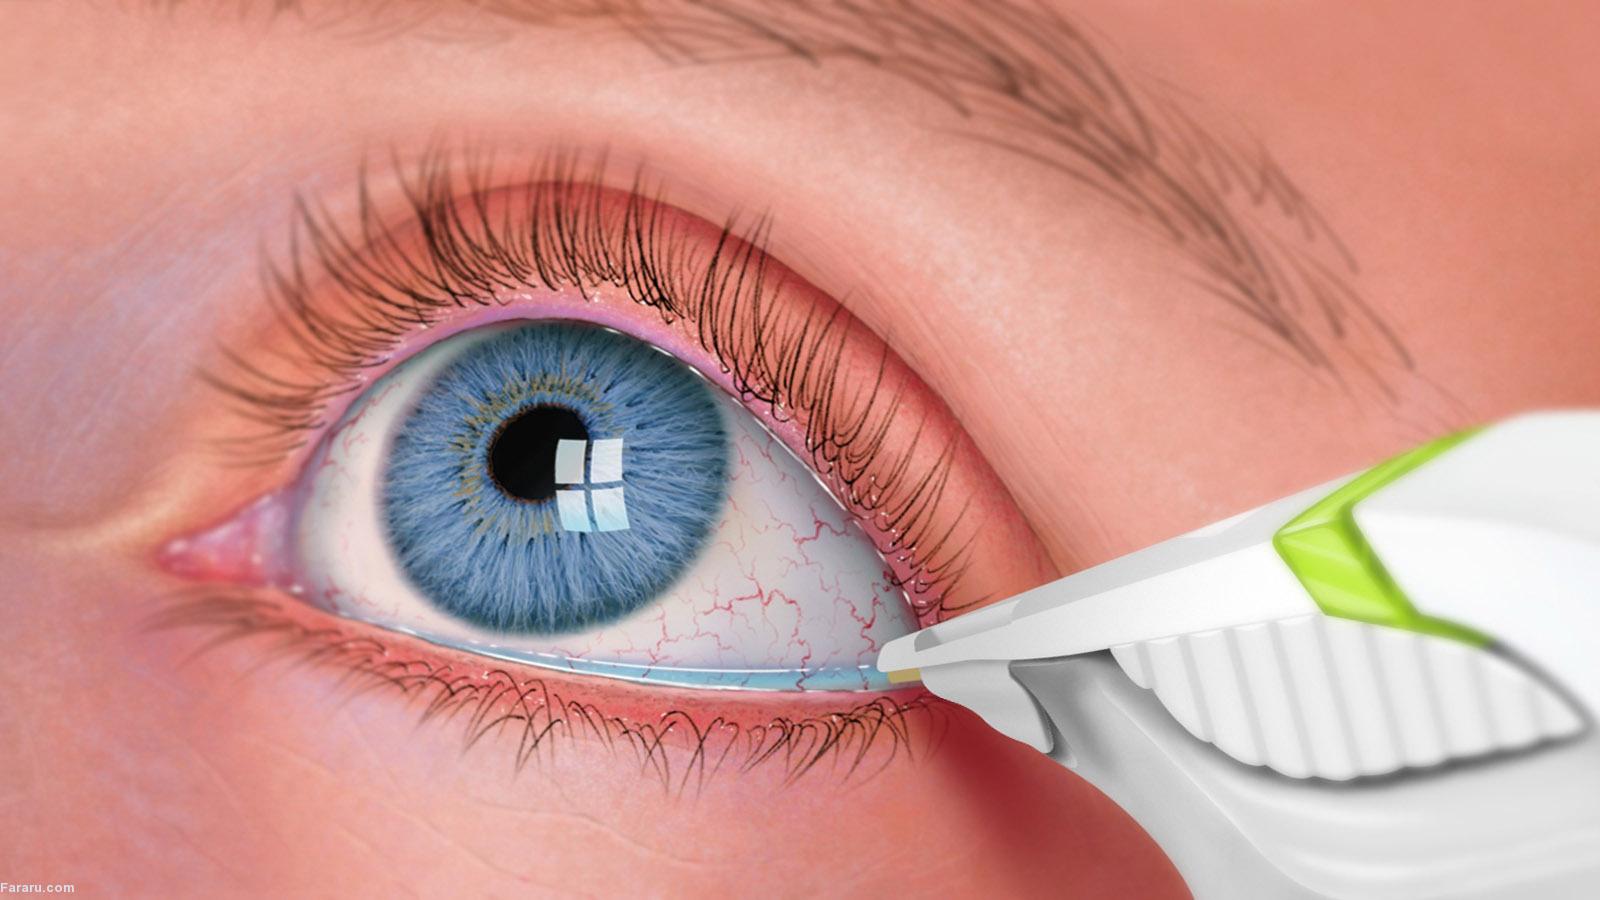 سندرم خشکی چشم؛ علل، علائم و درمان